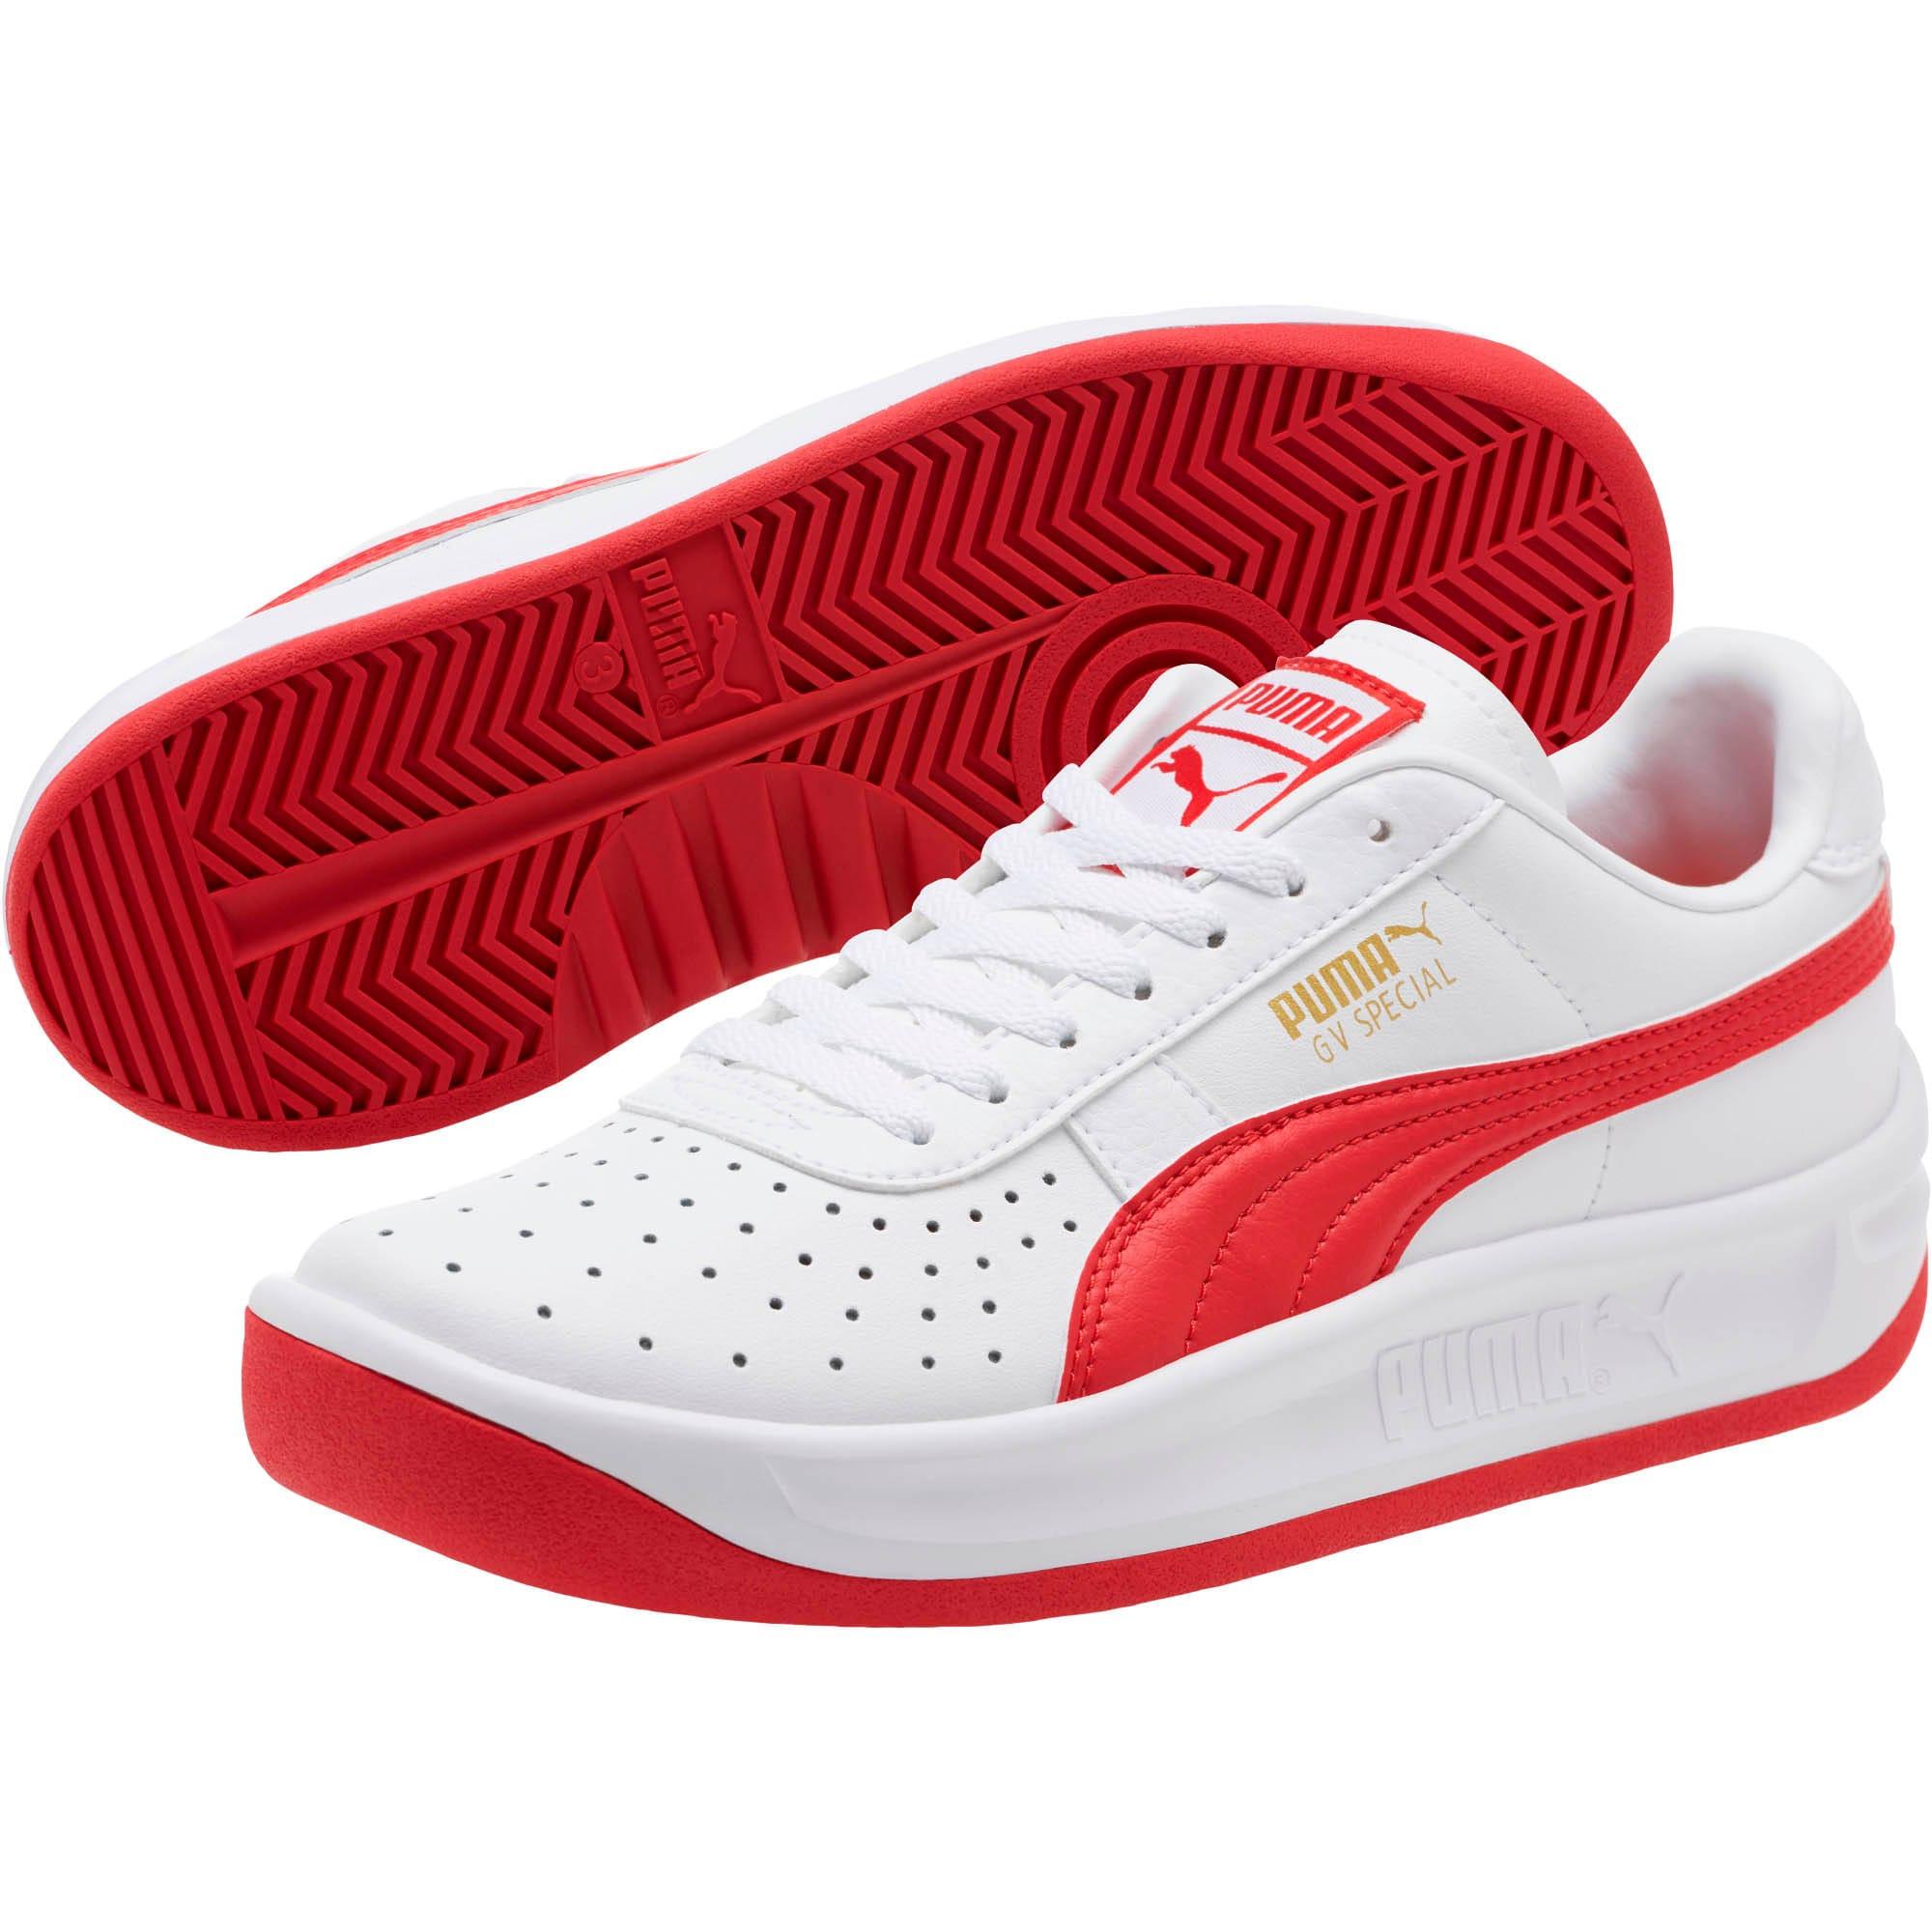 Miniatura 2 de Zapatos deportivos GV Special JR, Puma White-Ribbon Red, mediano